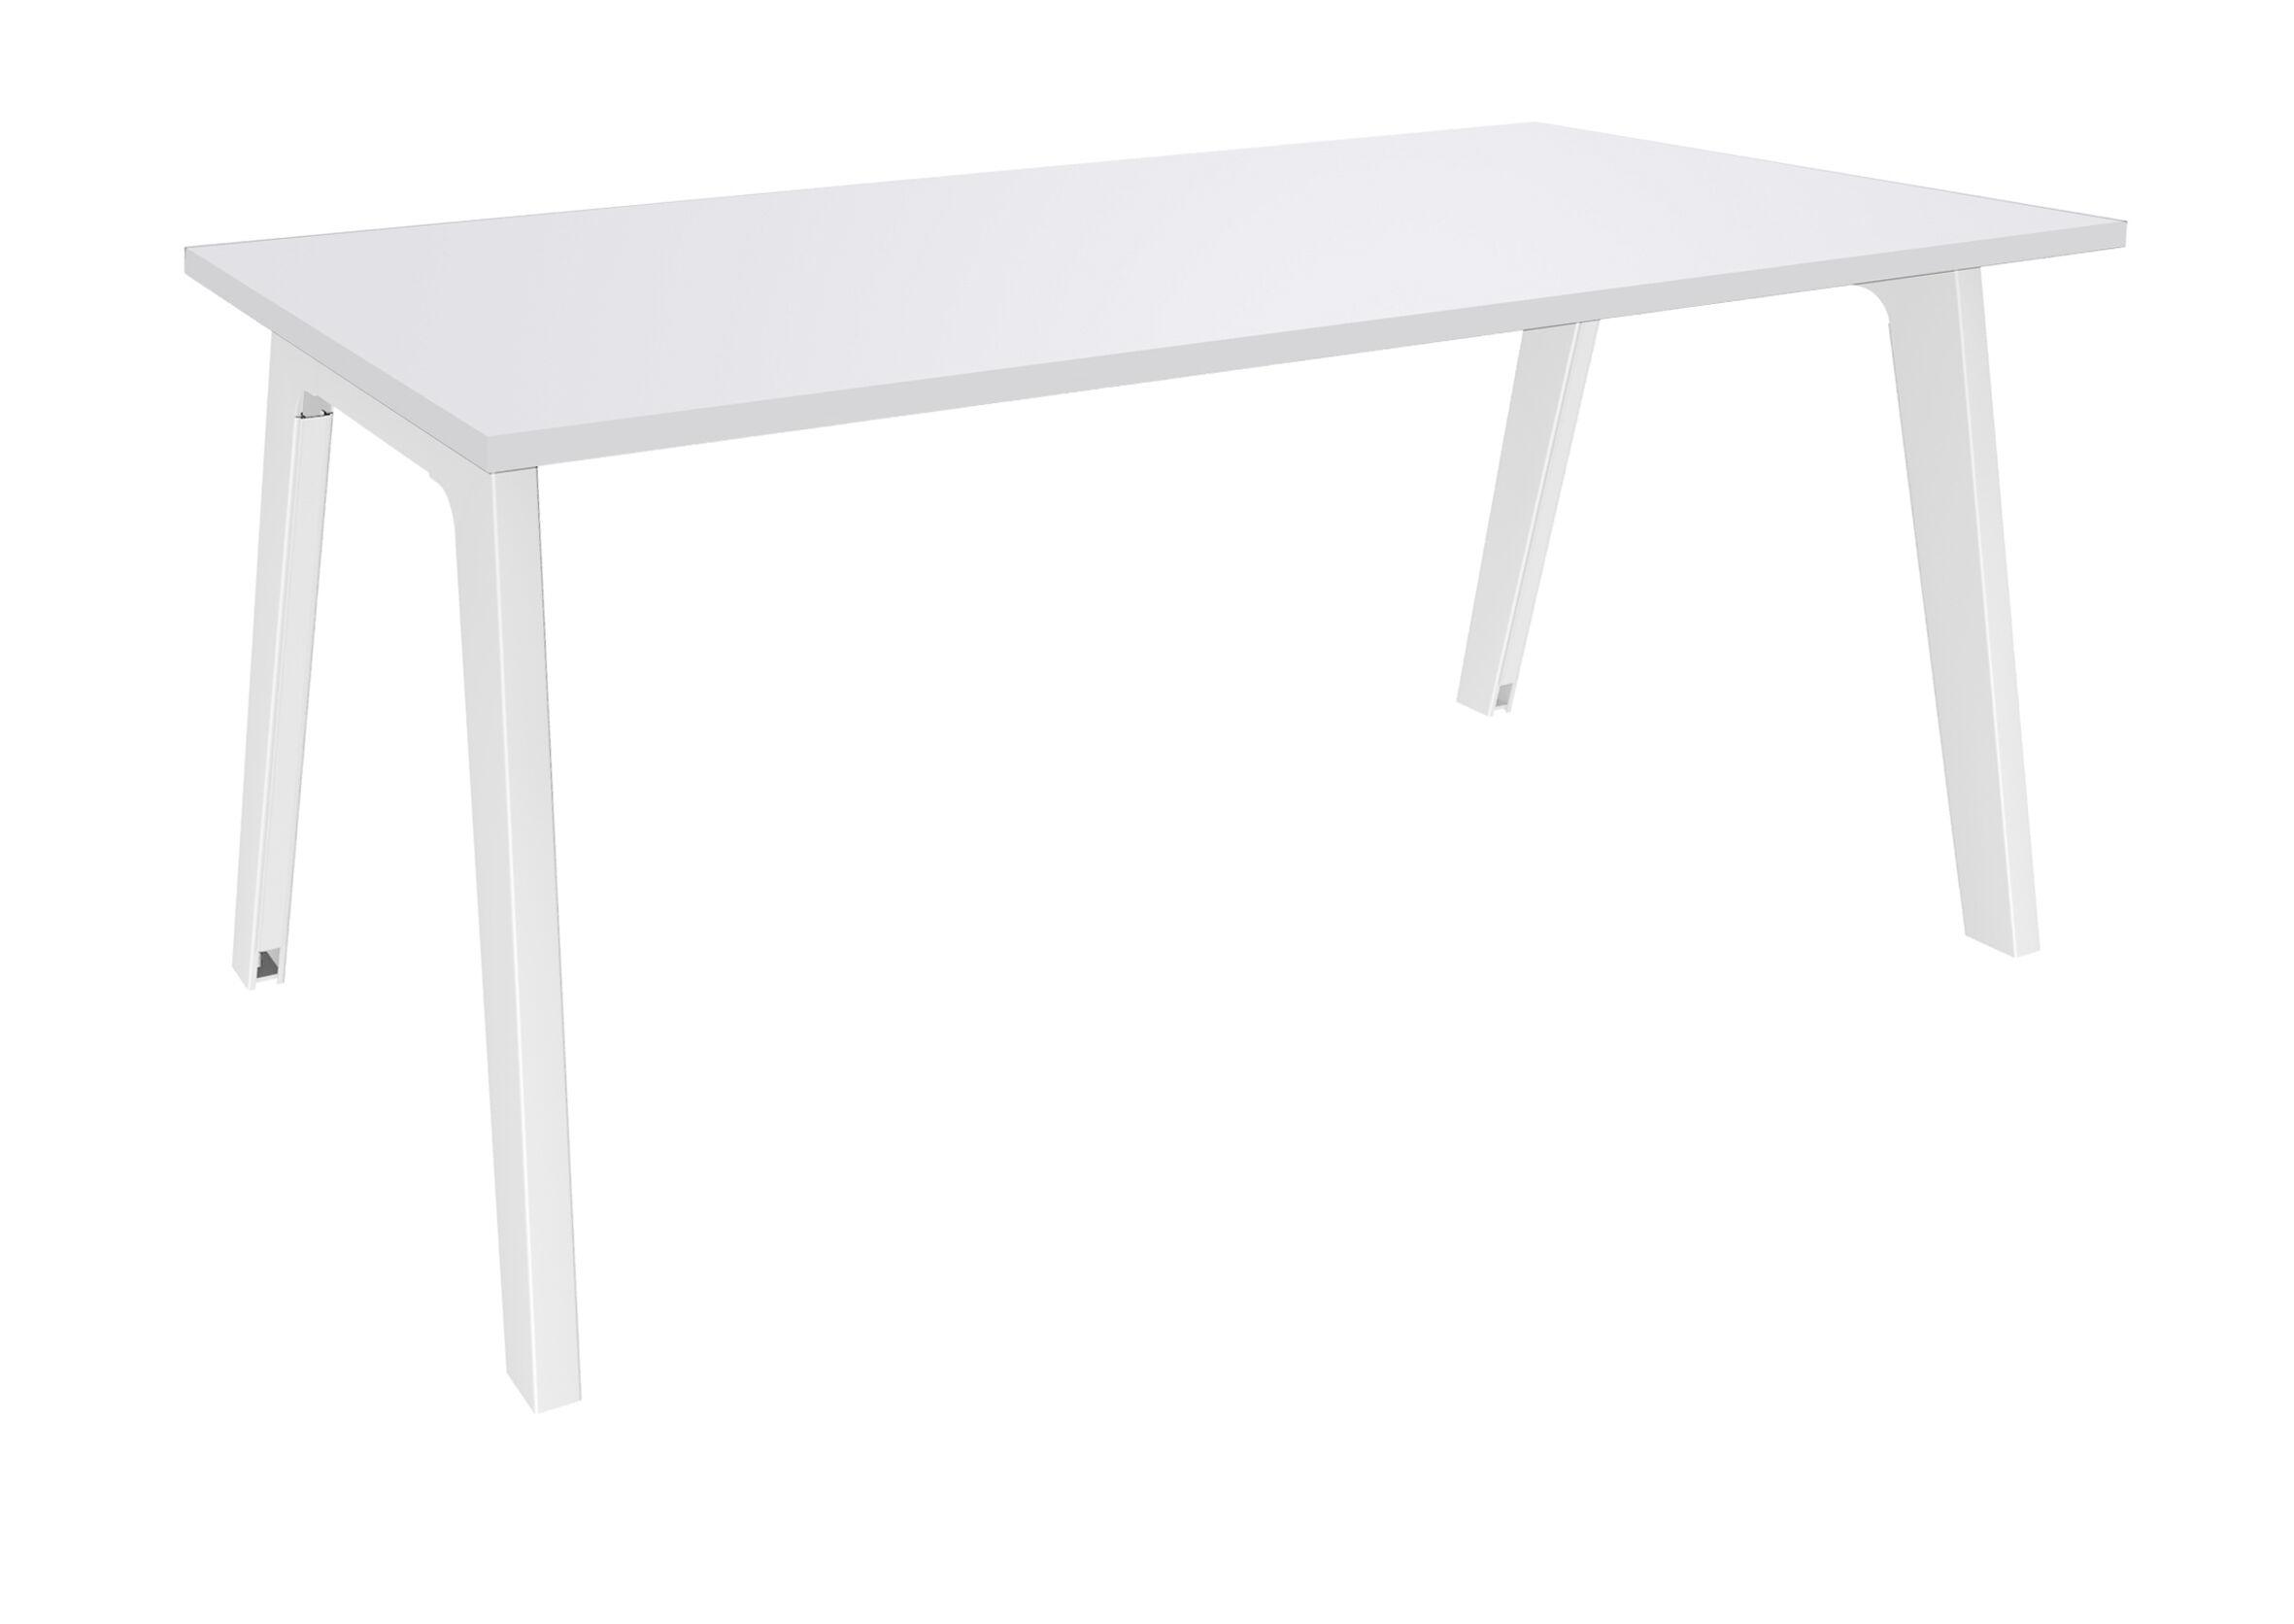 Bureau simple STEELY - L160 cm - Plan de départ - Pieds blanc - plateau Blanc Perle